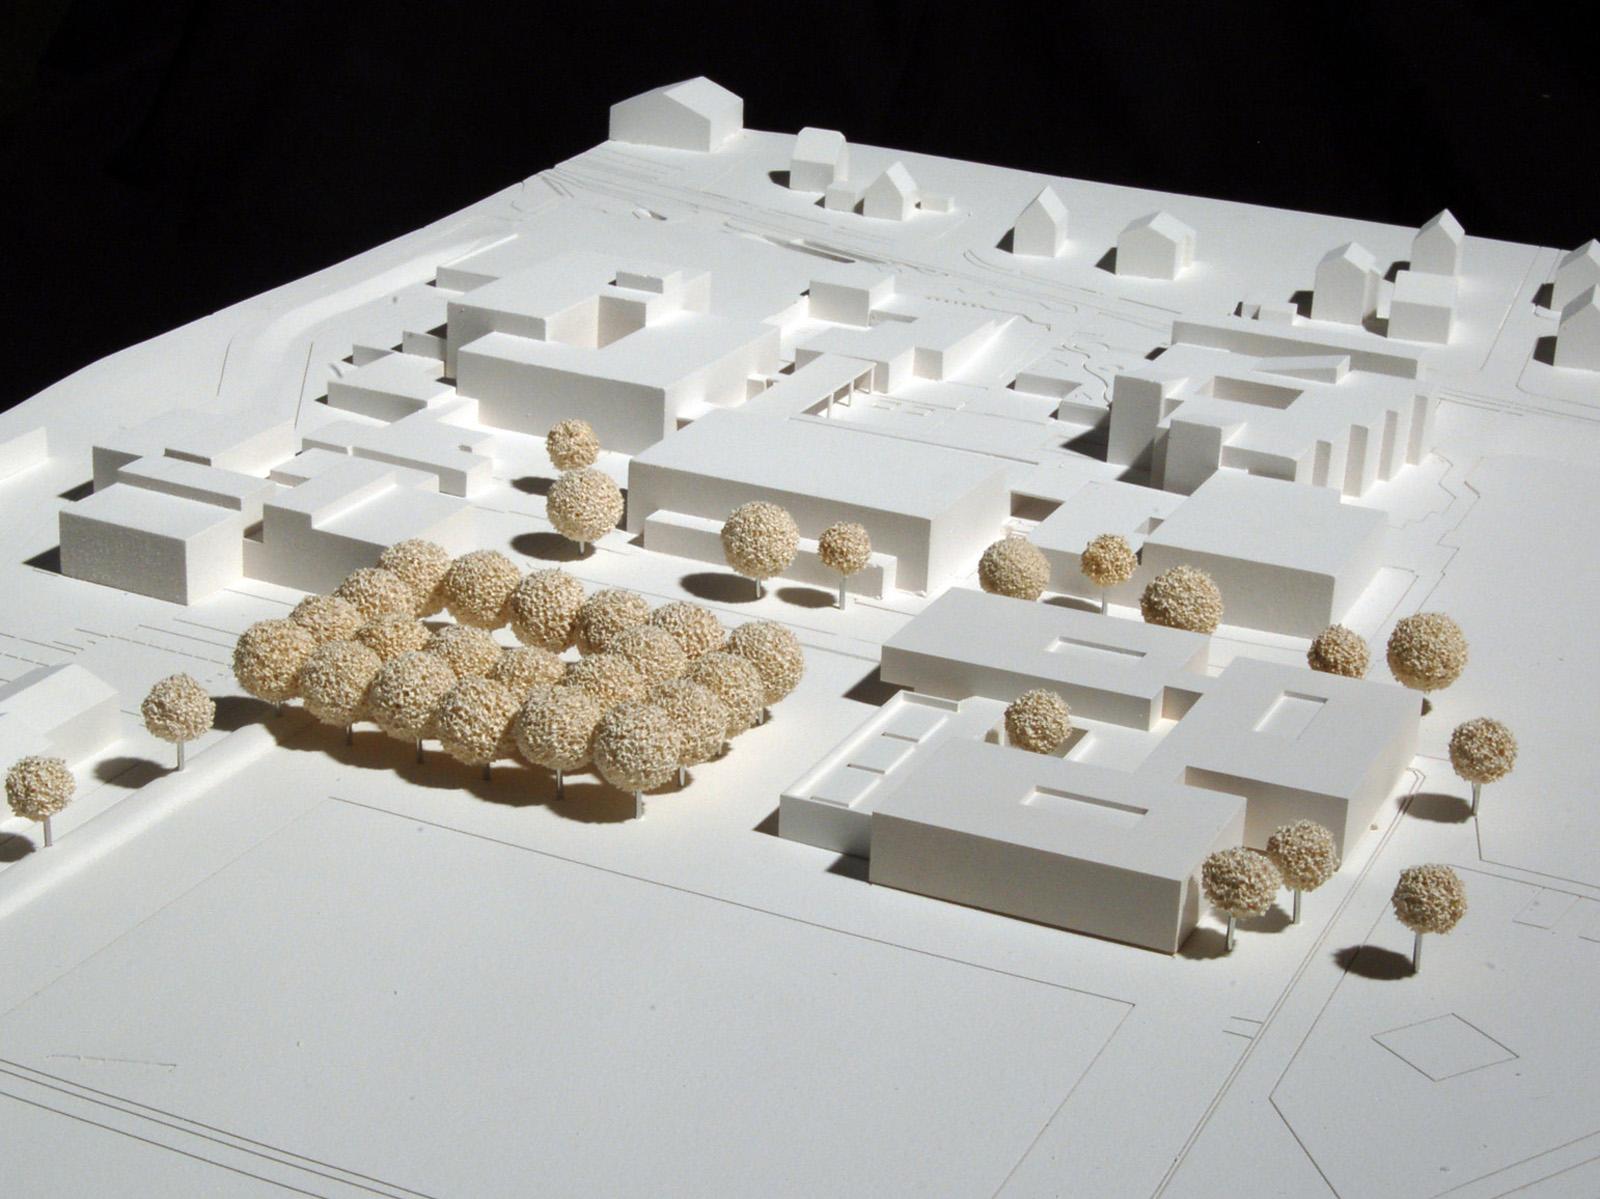 Modell_Neubau Robert-Boehringer-Gemeinschaftsschule-Winnenden-1.Preis-Wettbewerb.2015_© Friedrich-Poerschke-Zwink-Architekten